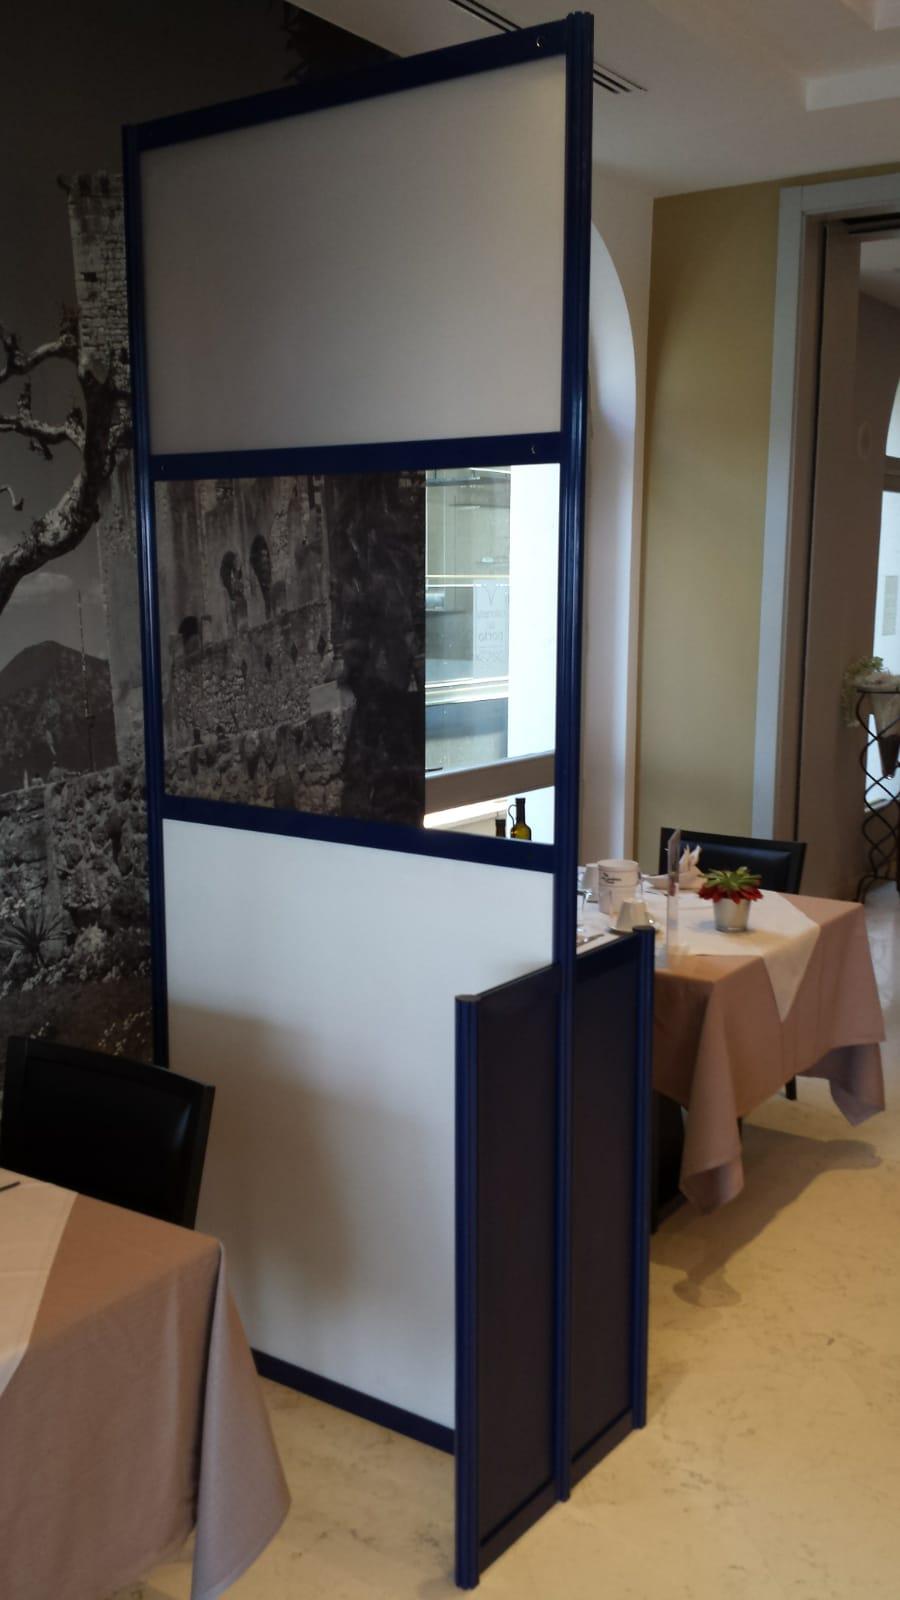 Barriere plexiglass anti covid per uffici, banconi e ristoranti